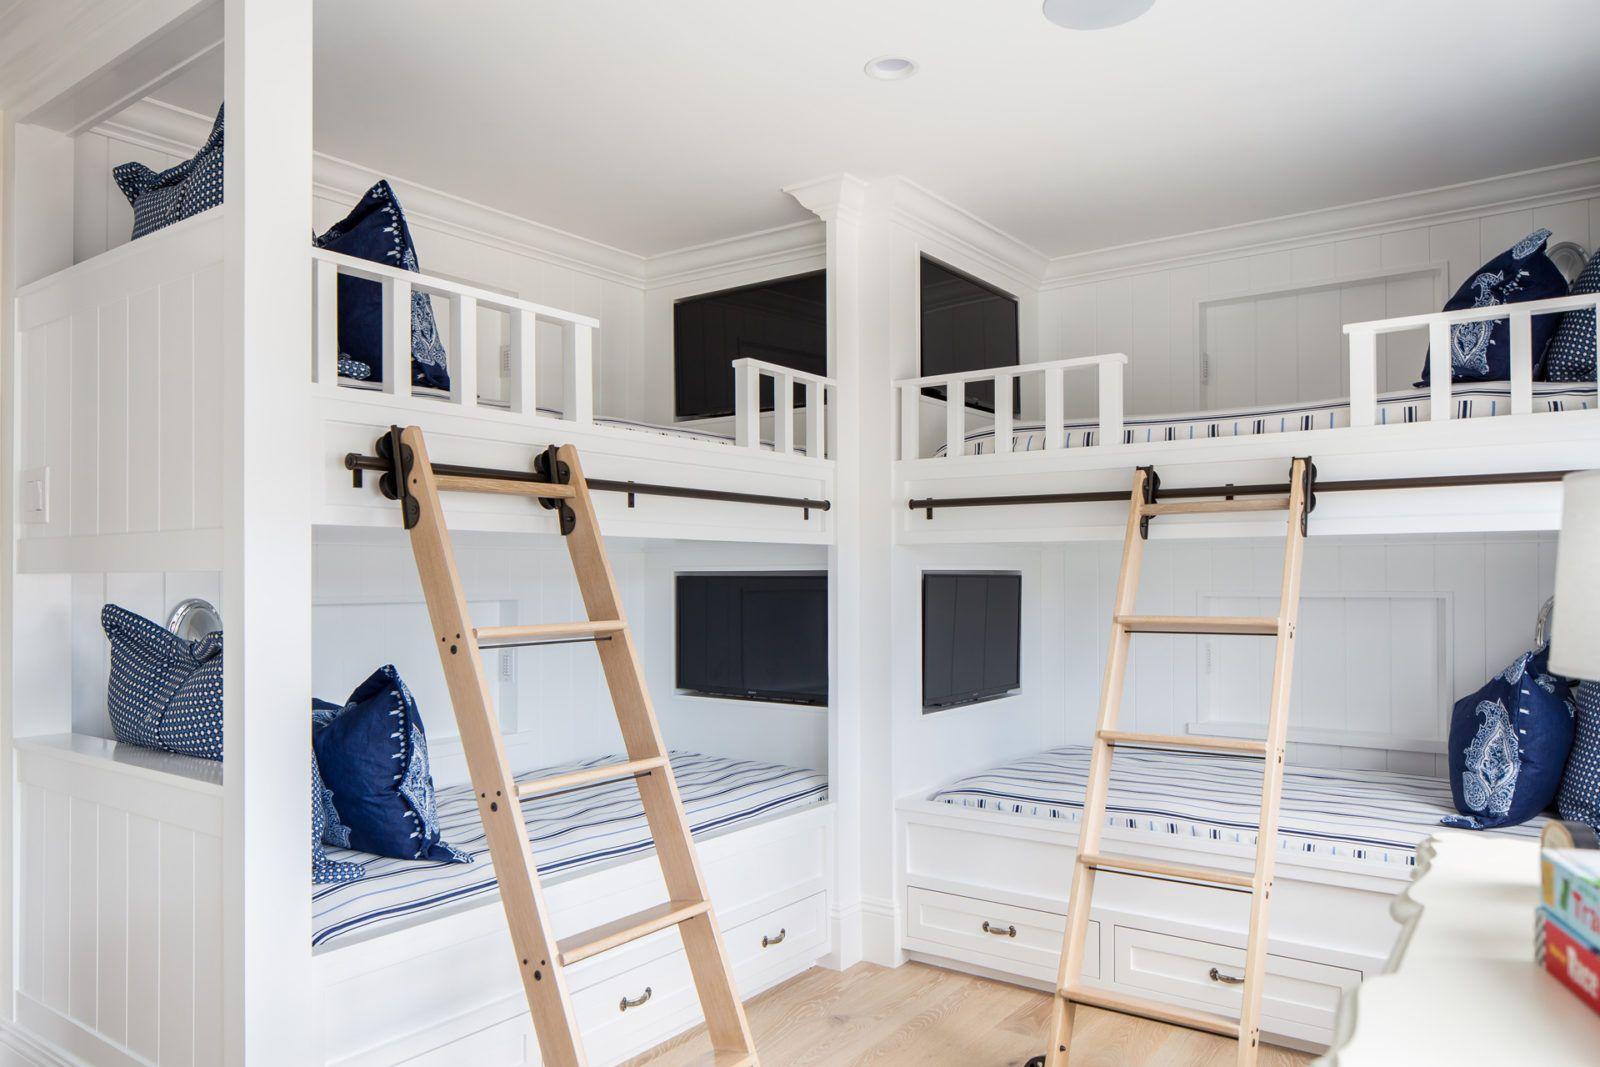 Wow Each Bunk Bed Has Their Own Tv Beach House Bunk Room Bunk